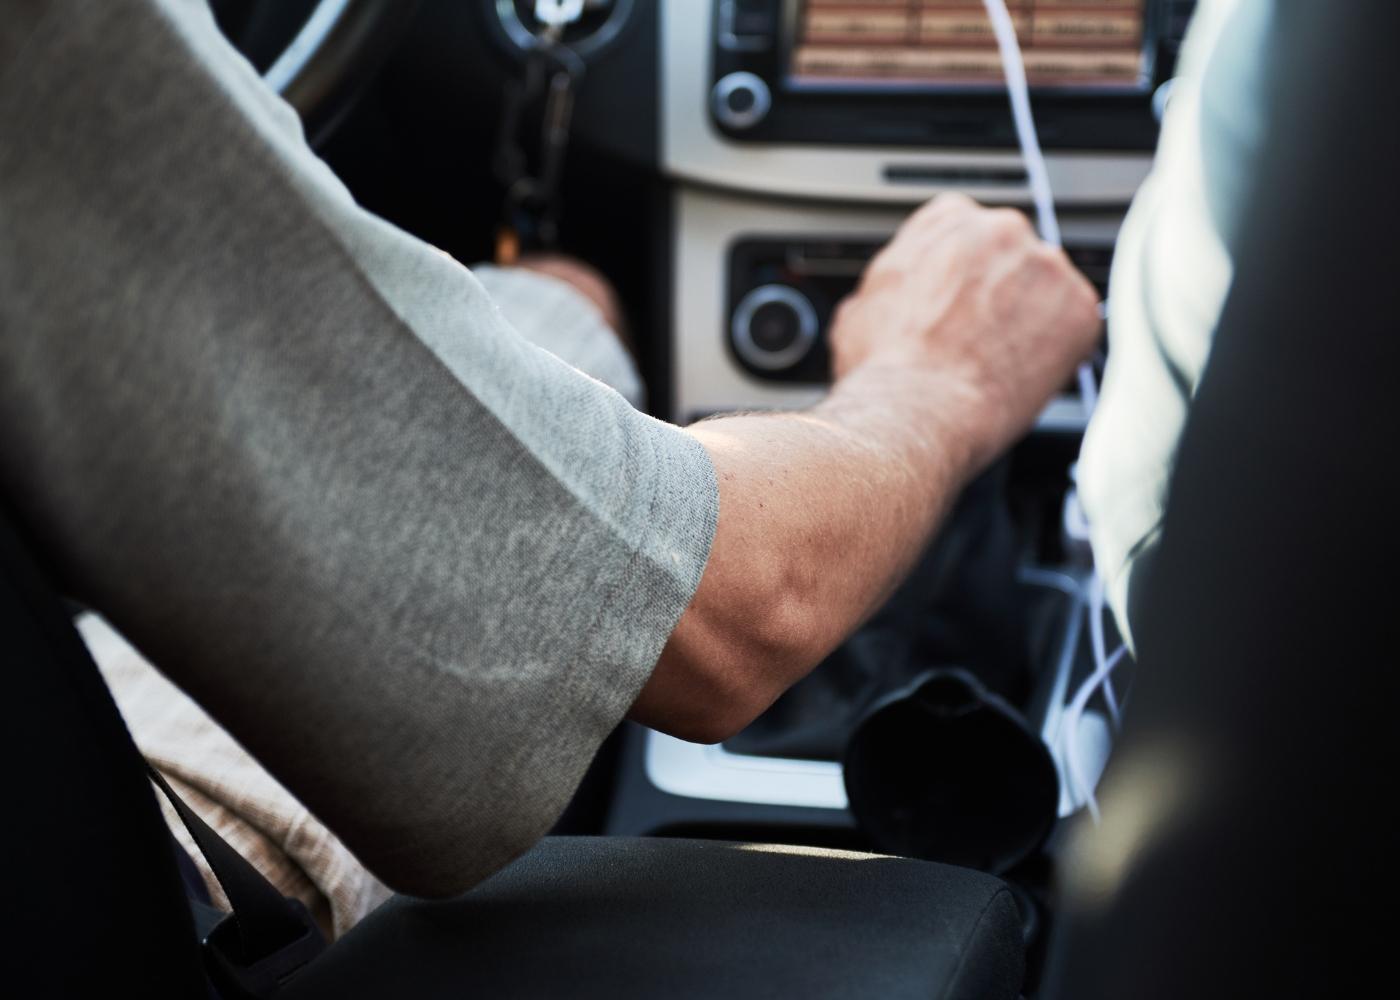 condutor com mão na caixa de velocidades